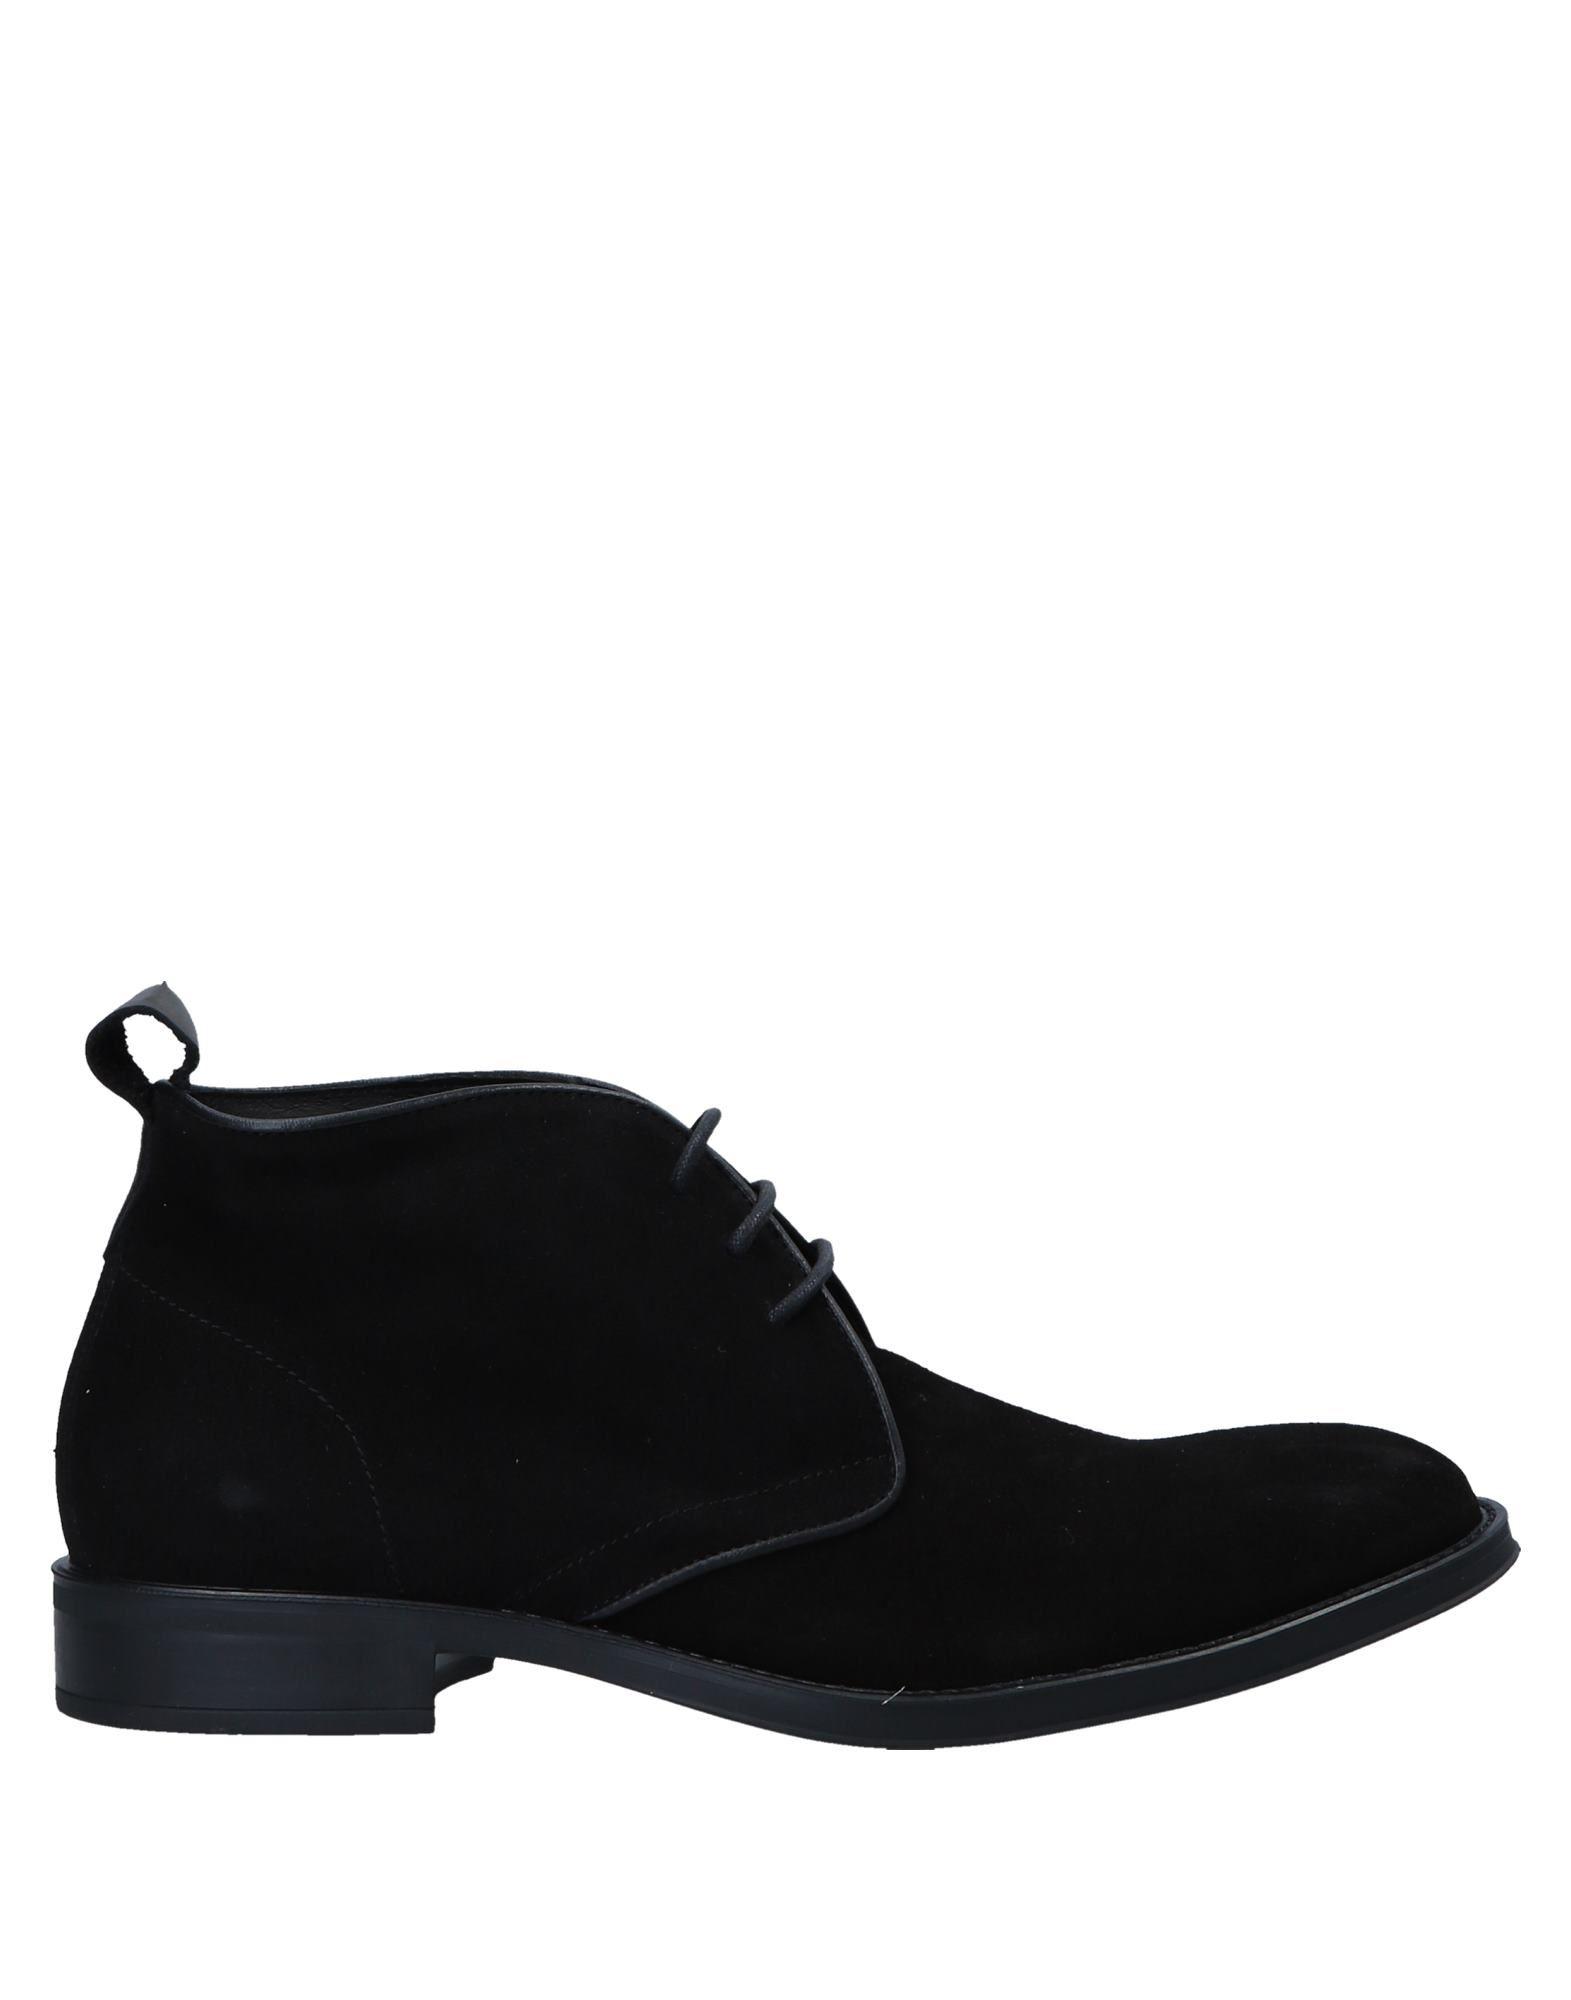 Gianfranco Lattanzi Stiefelette Herren  11547156HG Gute Qualität beliebte Schuhe